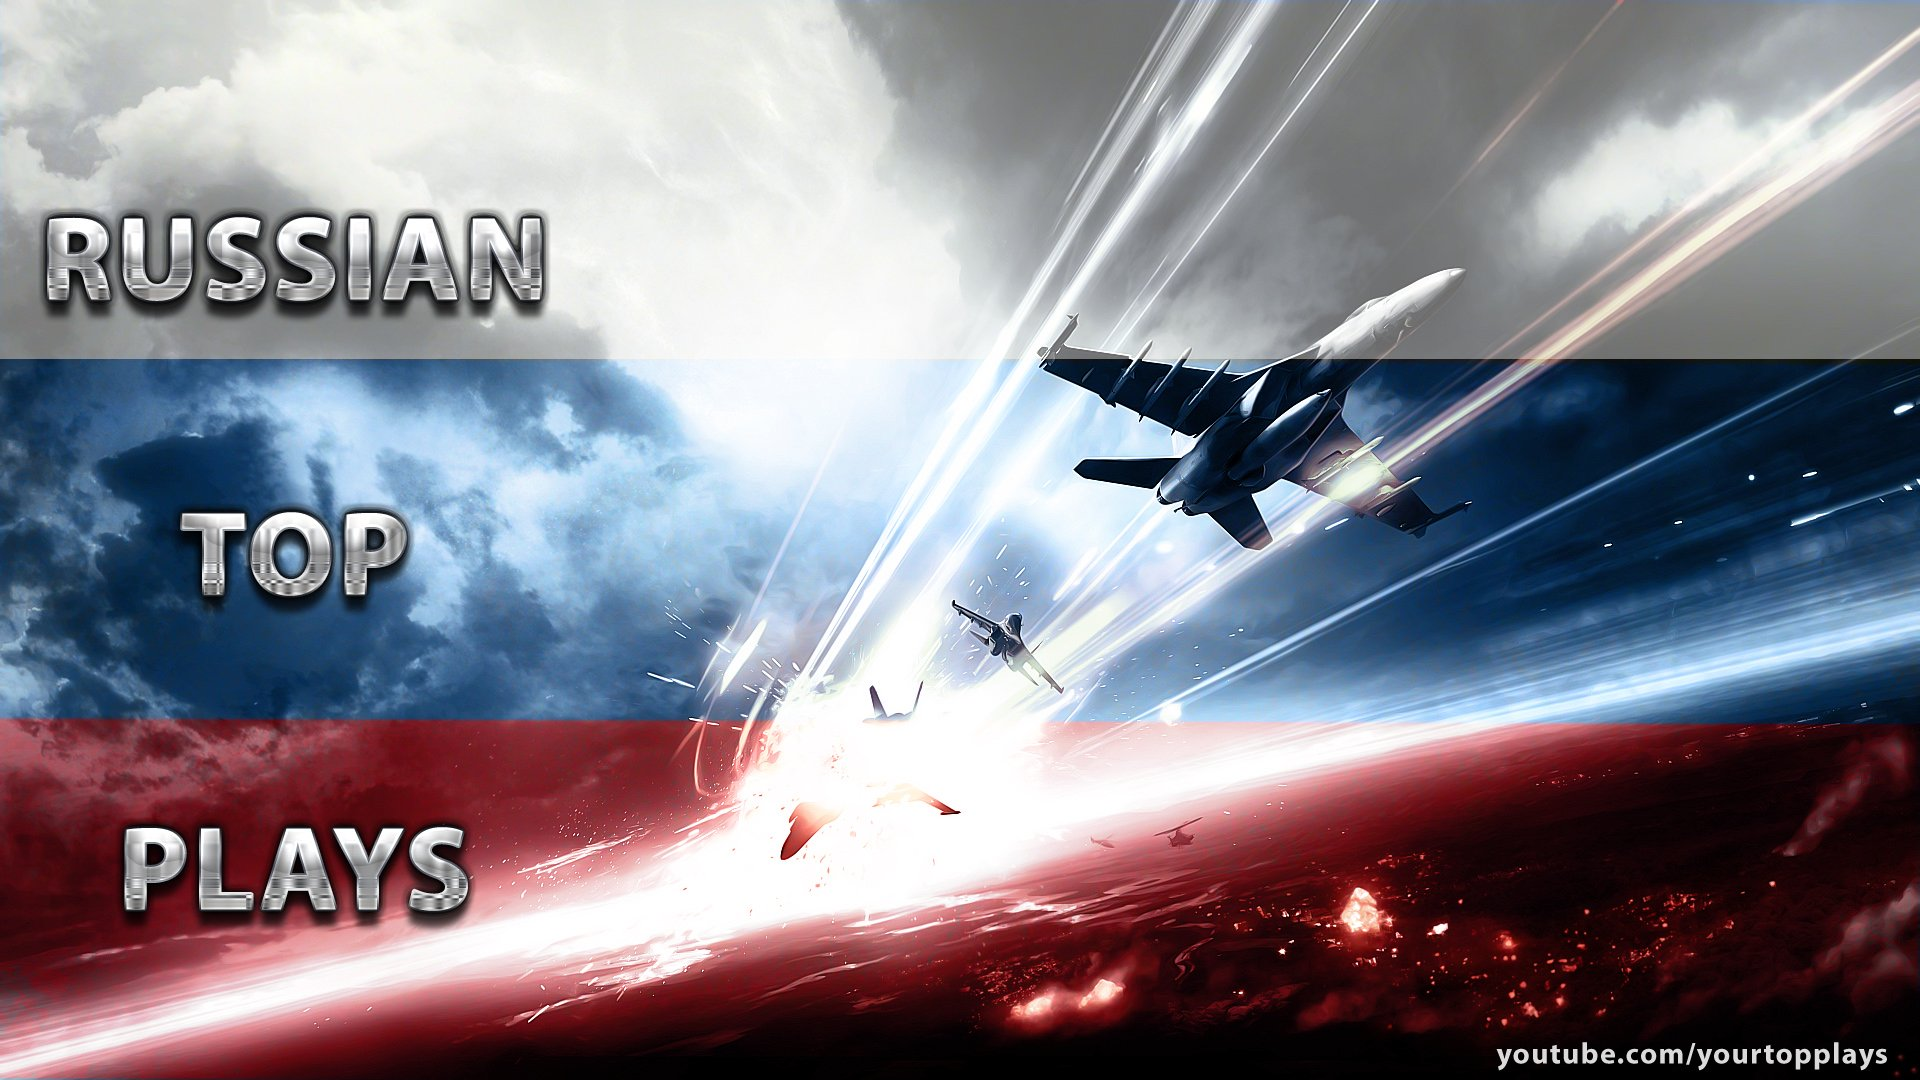 Первый эпизод нового проекта -Battlefield 3 Russian Top Plays-. Сегодня мы покажем вам 10 лучших видео уходящего лет ... - Изображение 1